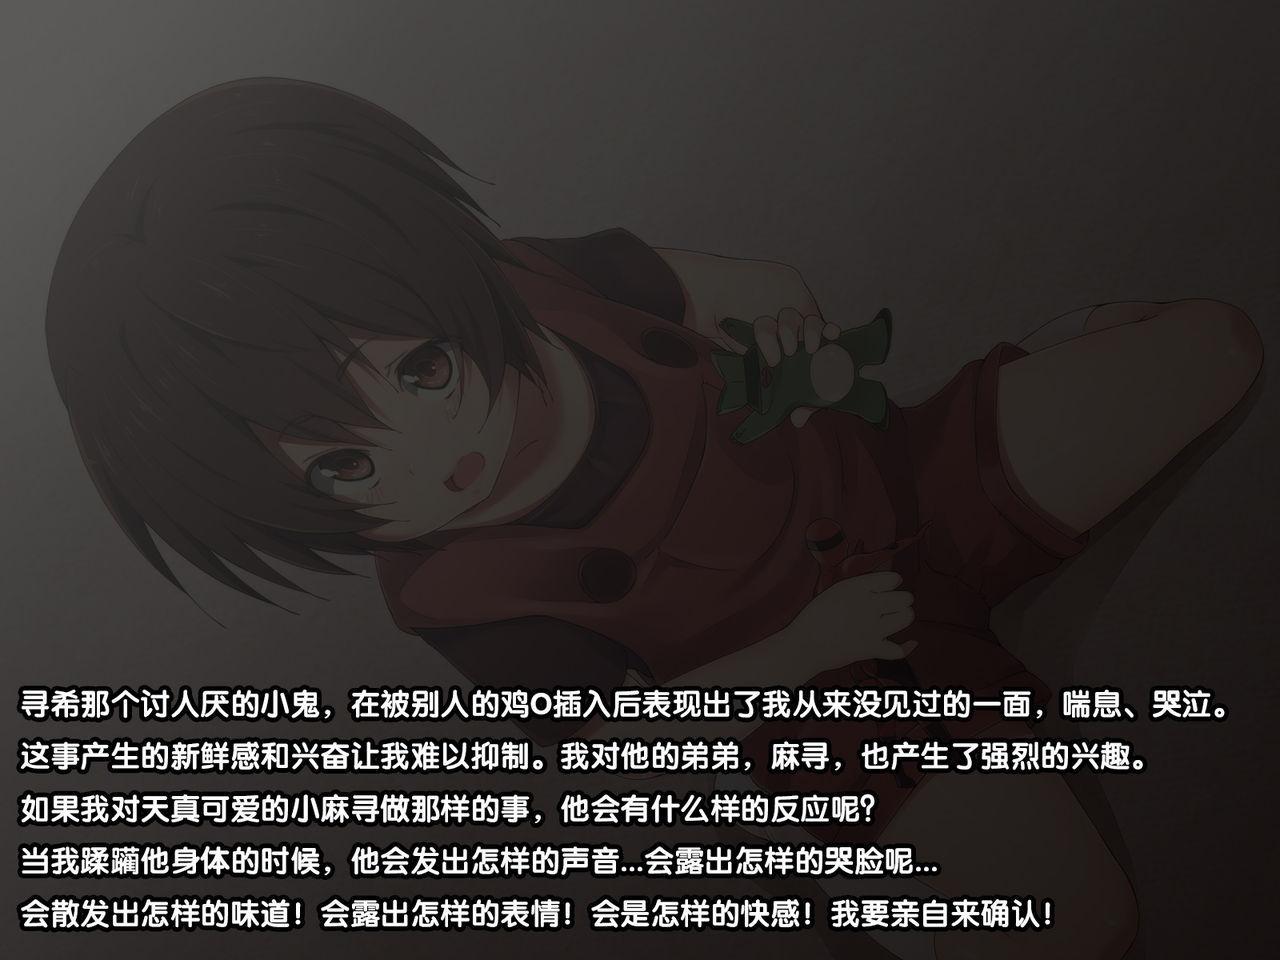 Seiryokuzai de Seiyoku Bouhatsu! Tairyou Tanetsuke de Shota Kyoudai Kyousei Harabote! 36